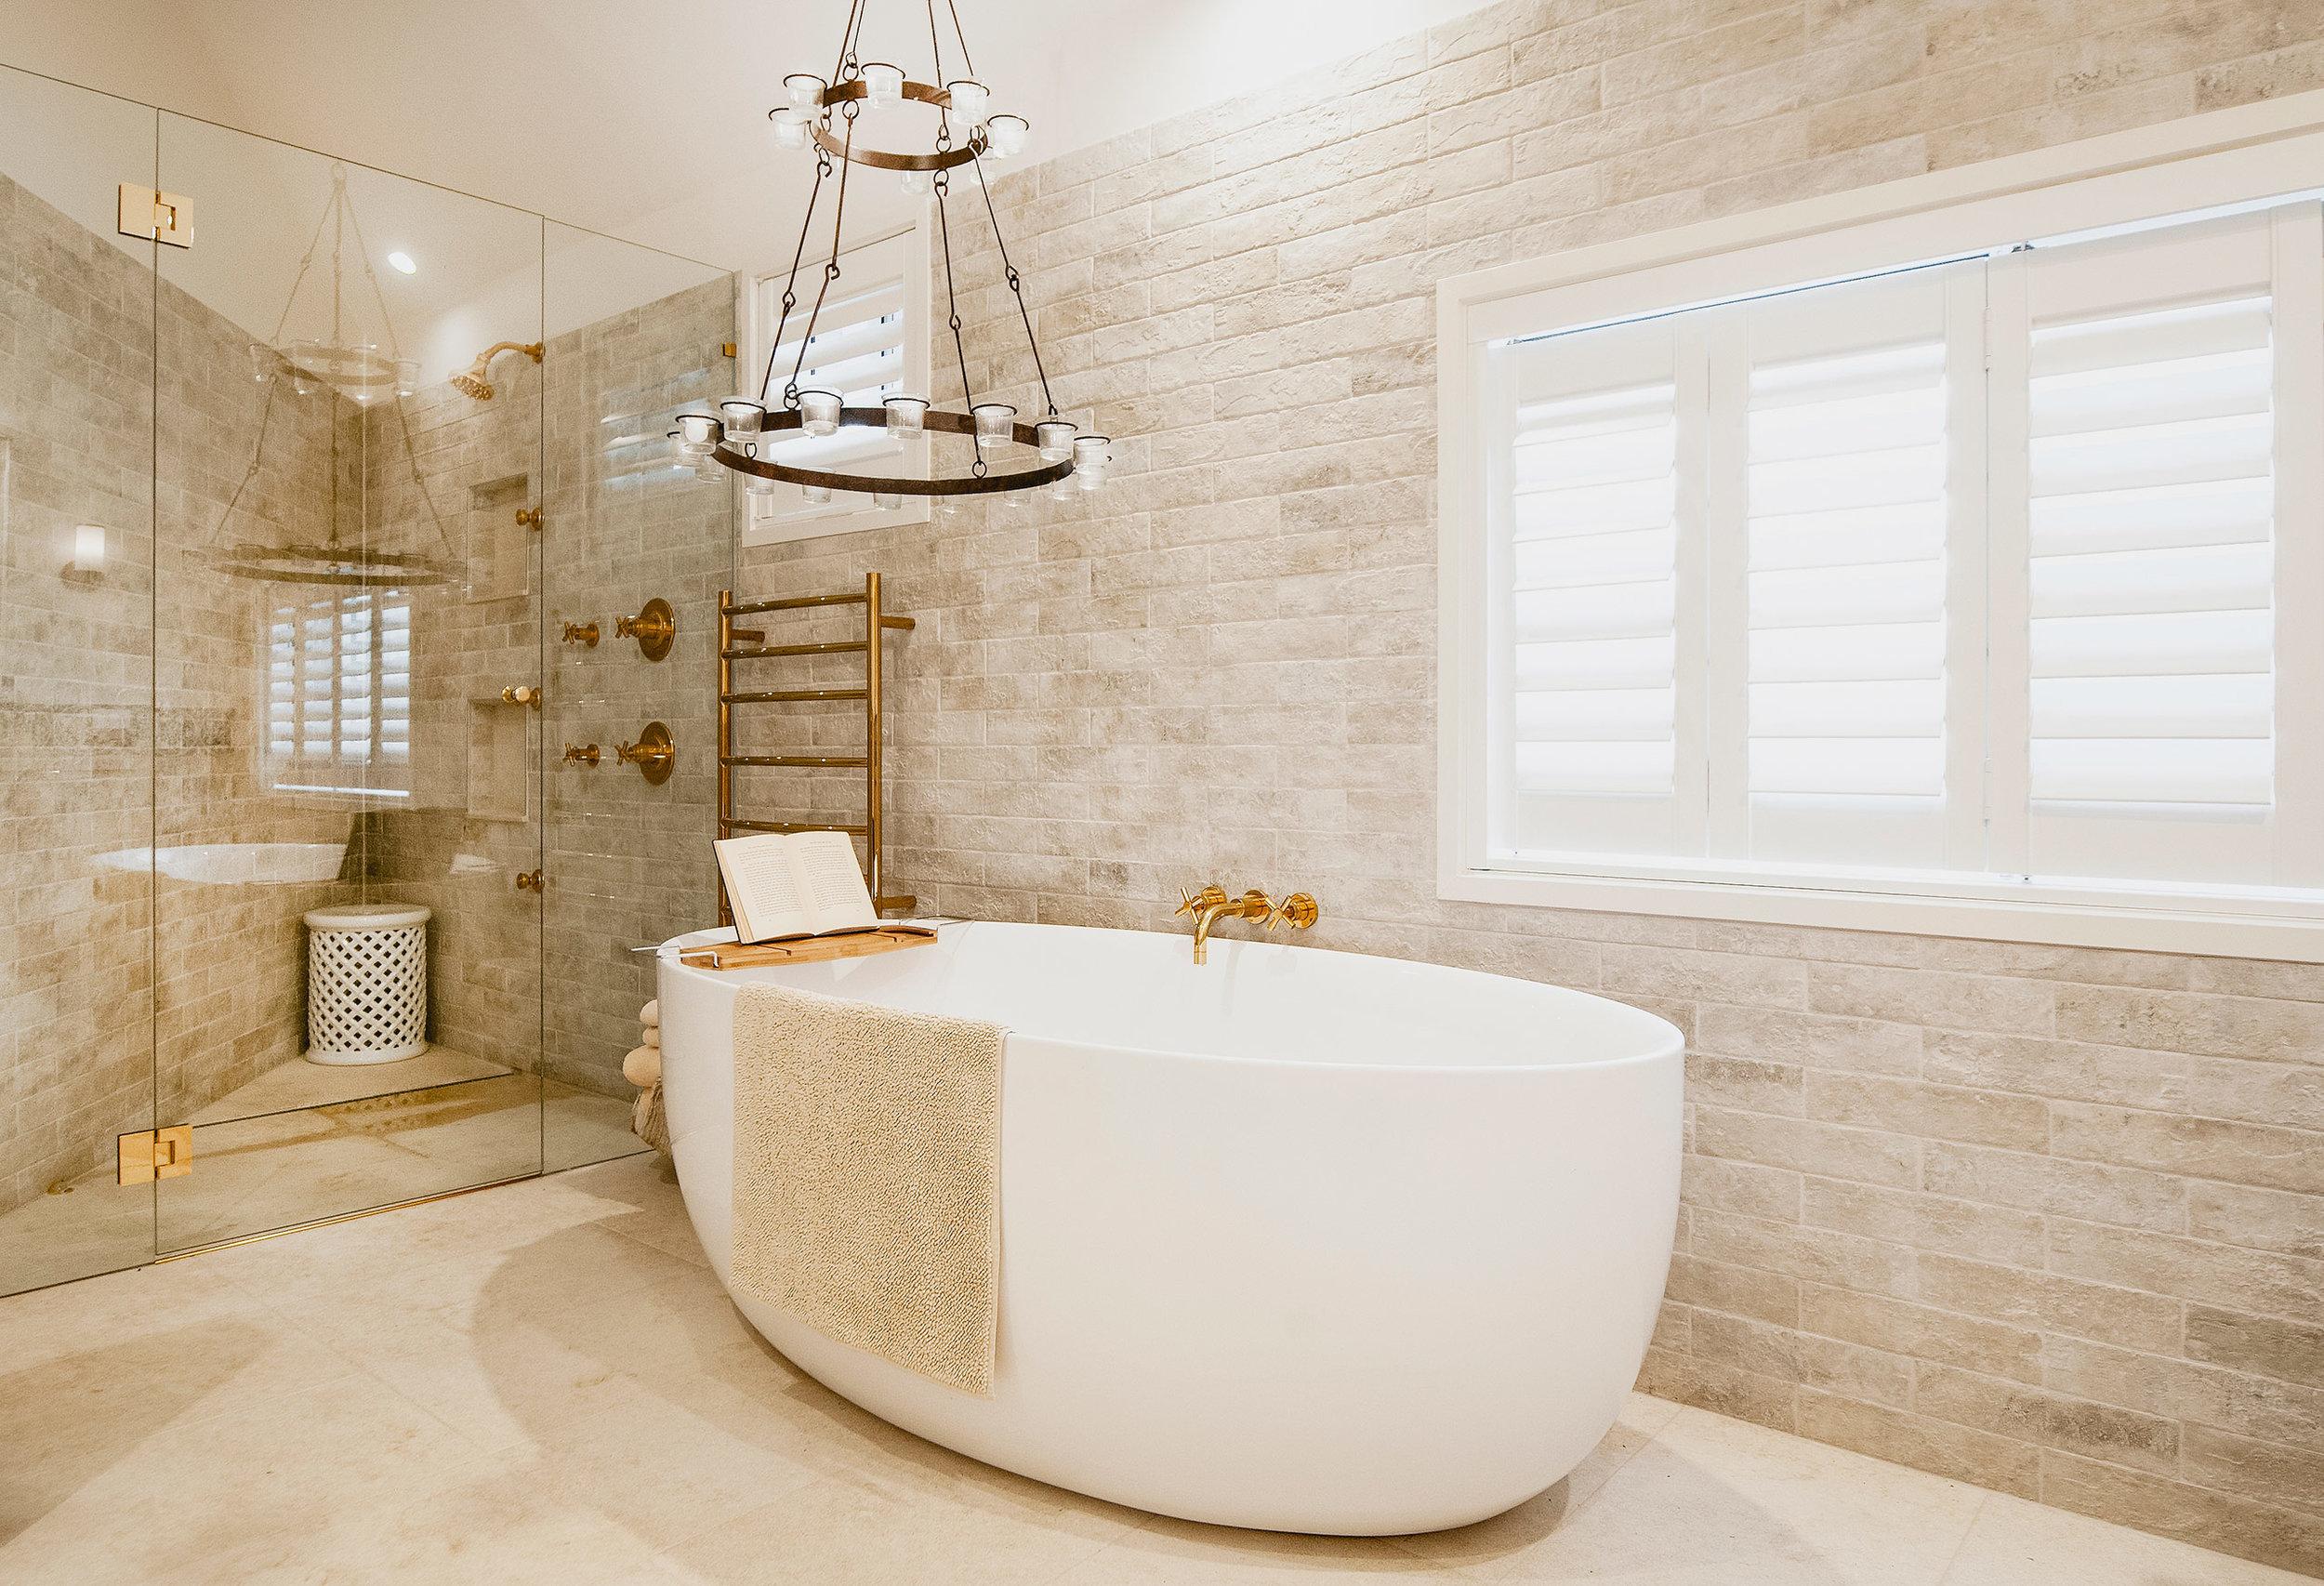 Barellen-7-Bedroom-1c-8-Master-Bathroom-2018-11-06-05.02.53.jpg